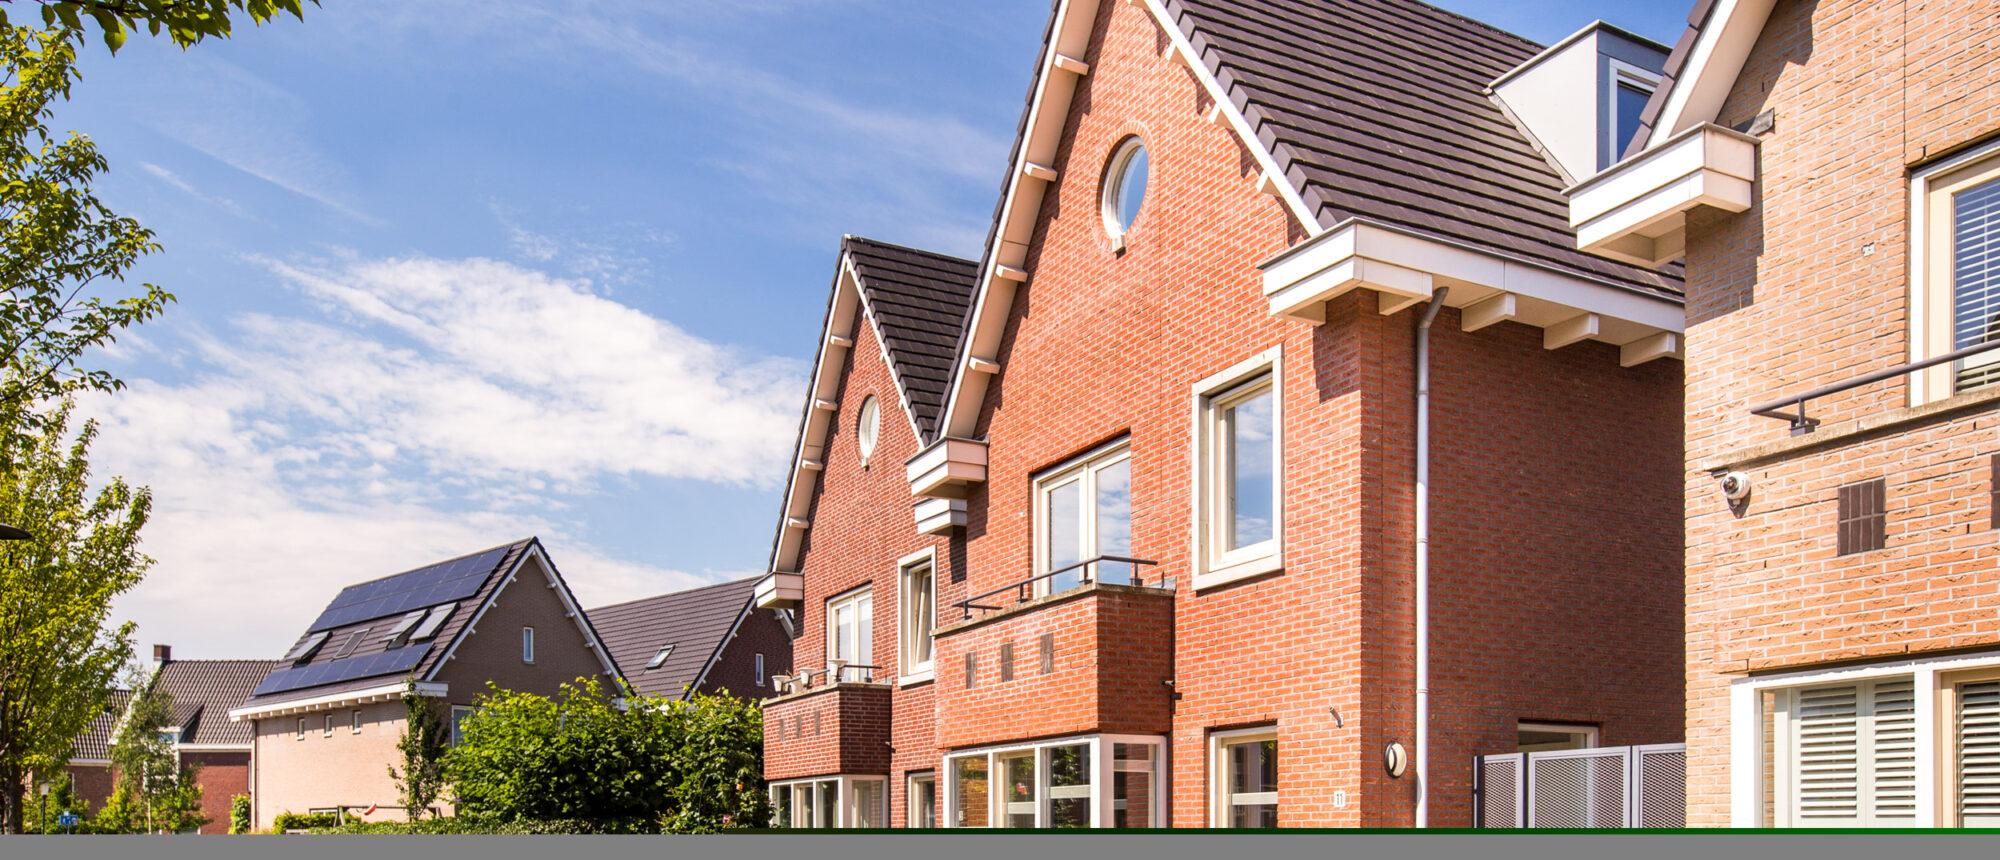 Gratis orienterend hypotheekgesprek - vraag het nu aan.